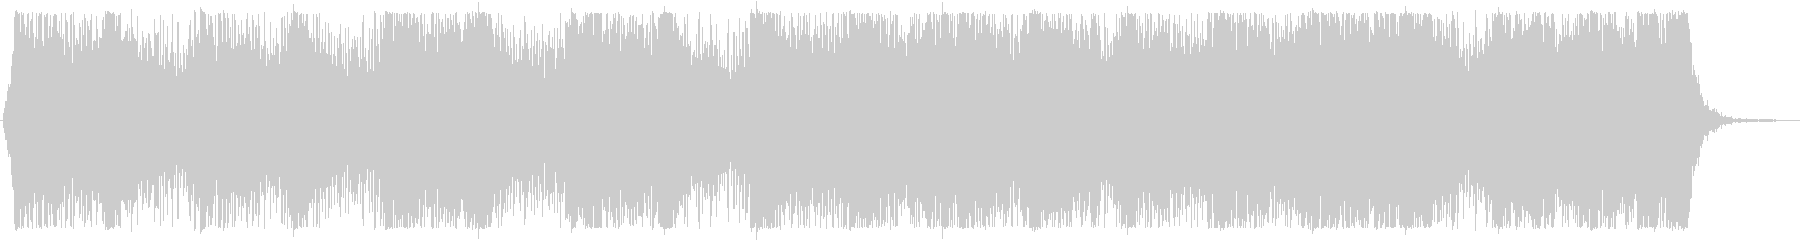 【オーケストラ】壮大で緊迫感のある曲の未再生の波形